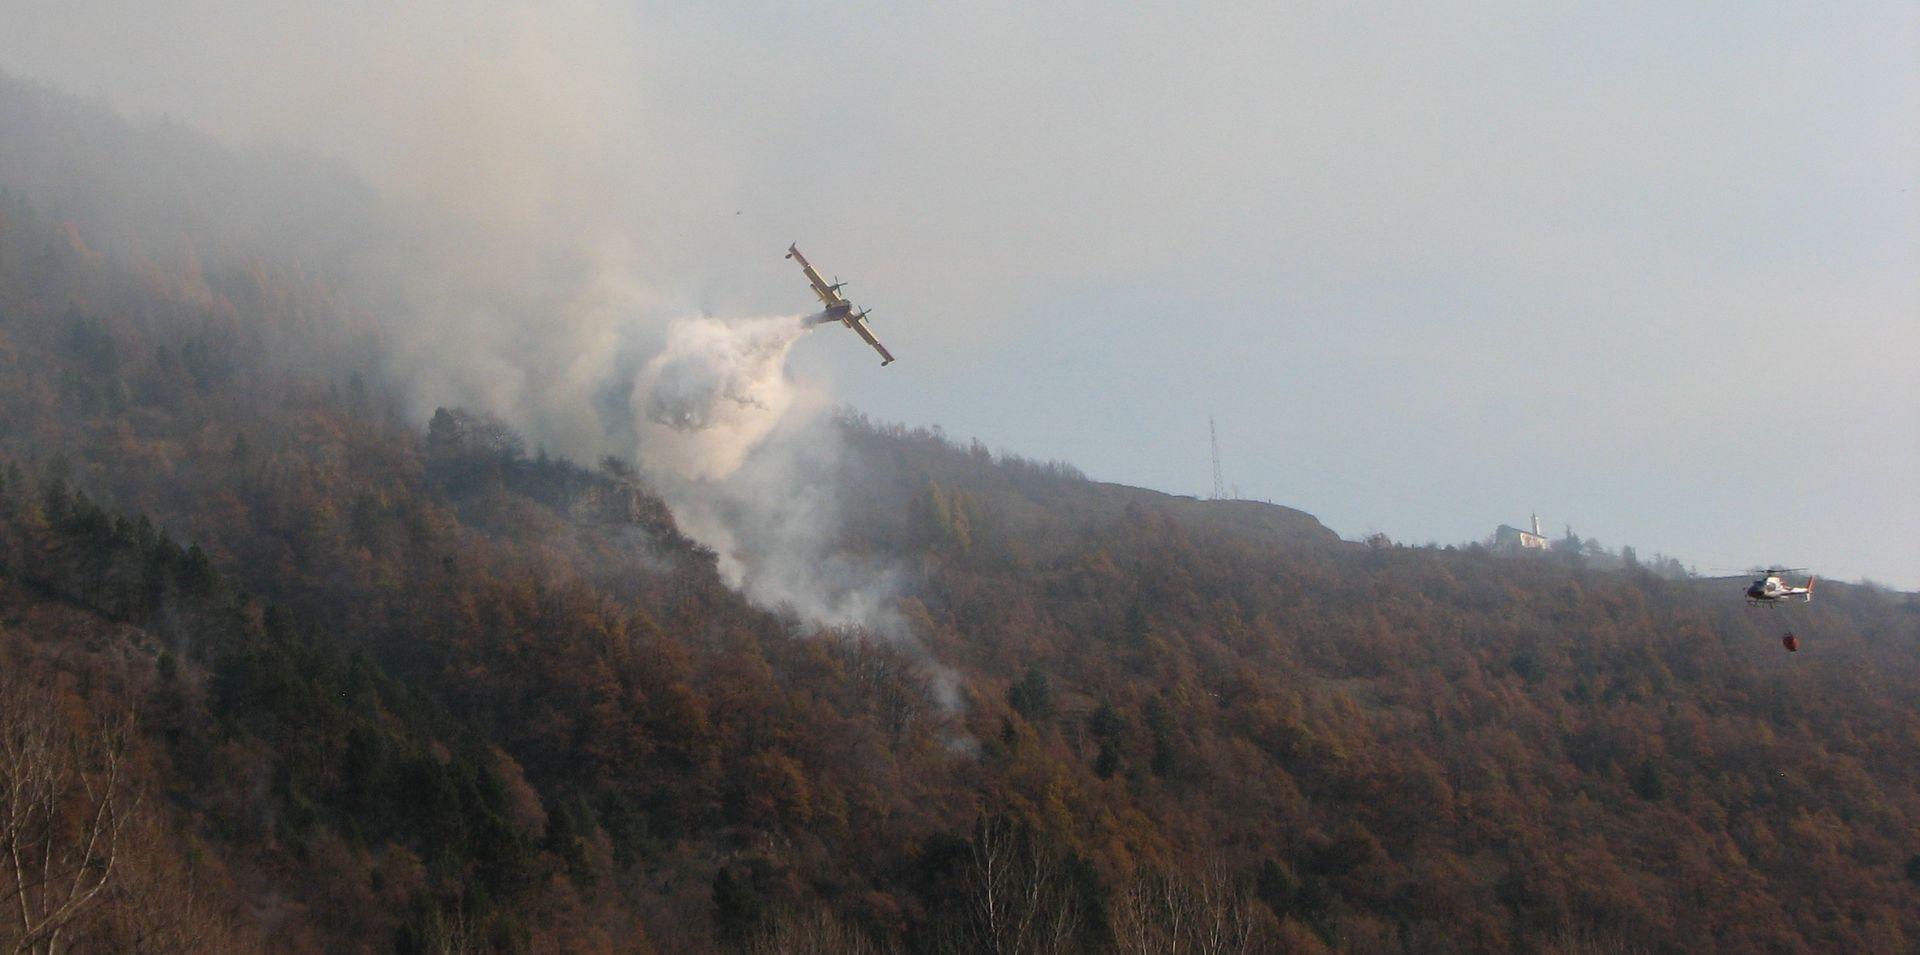 La Guida - Incendio in alta valle Stura, situazione sempre più grave: un nuovo incendio